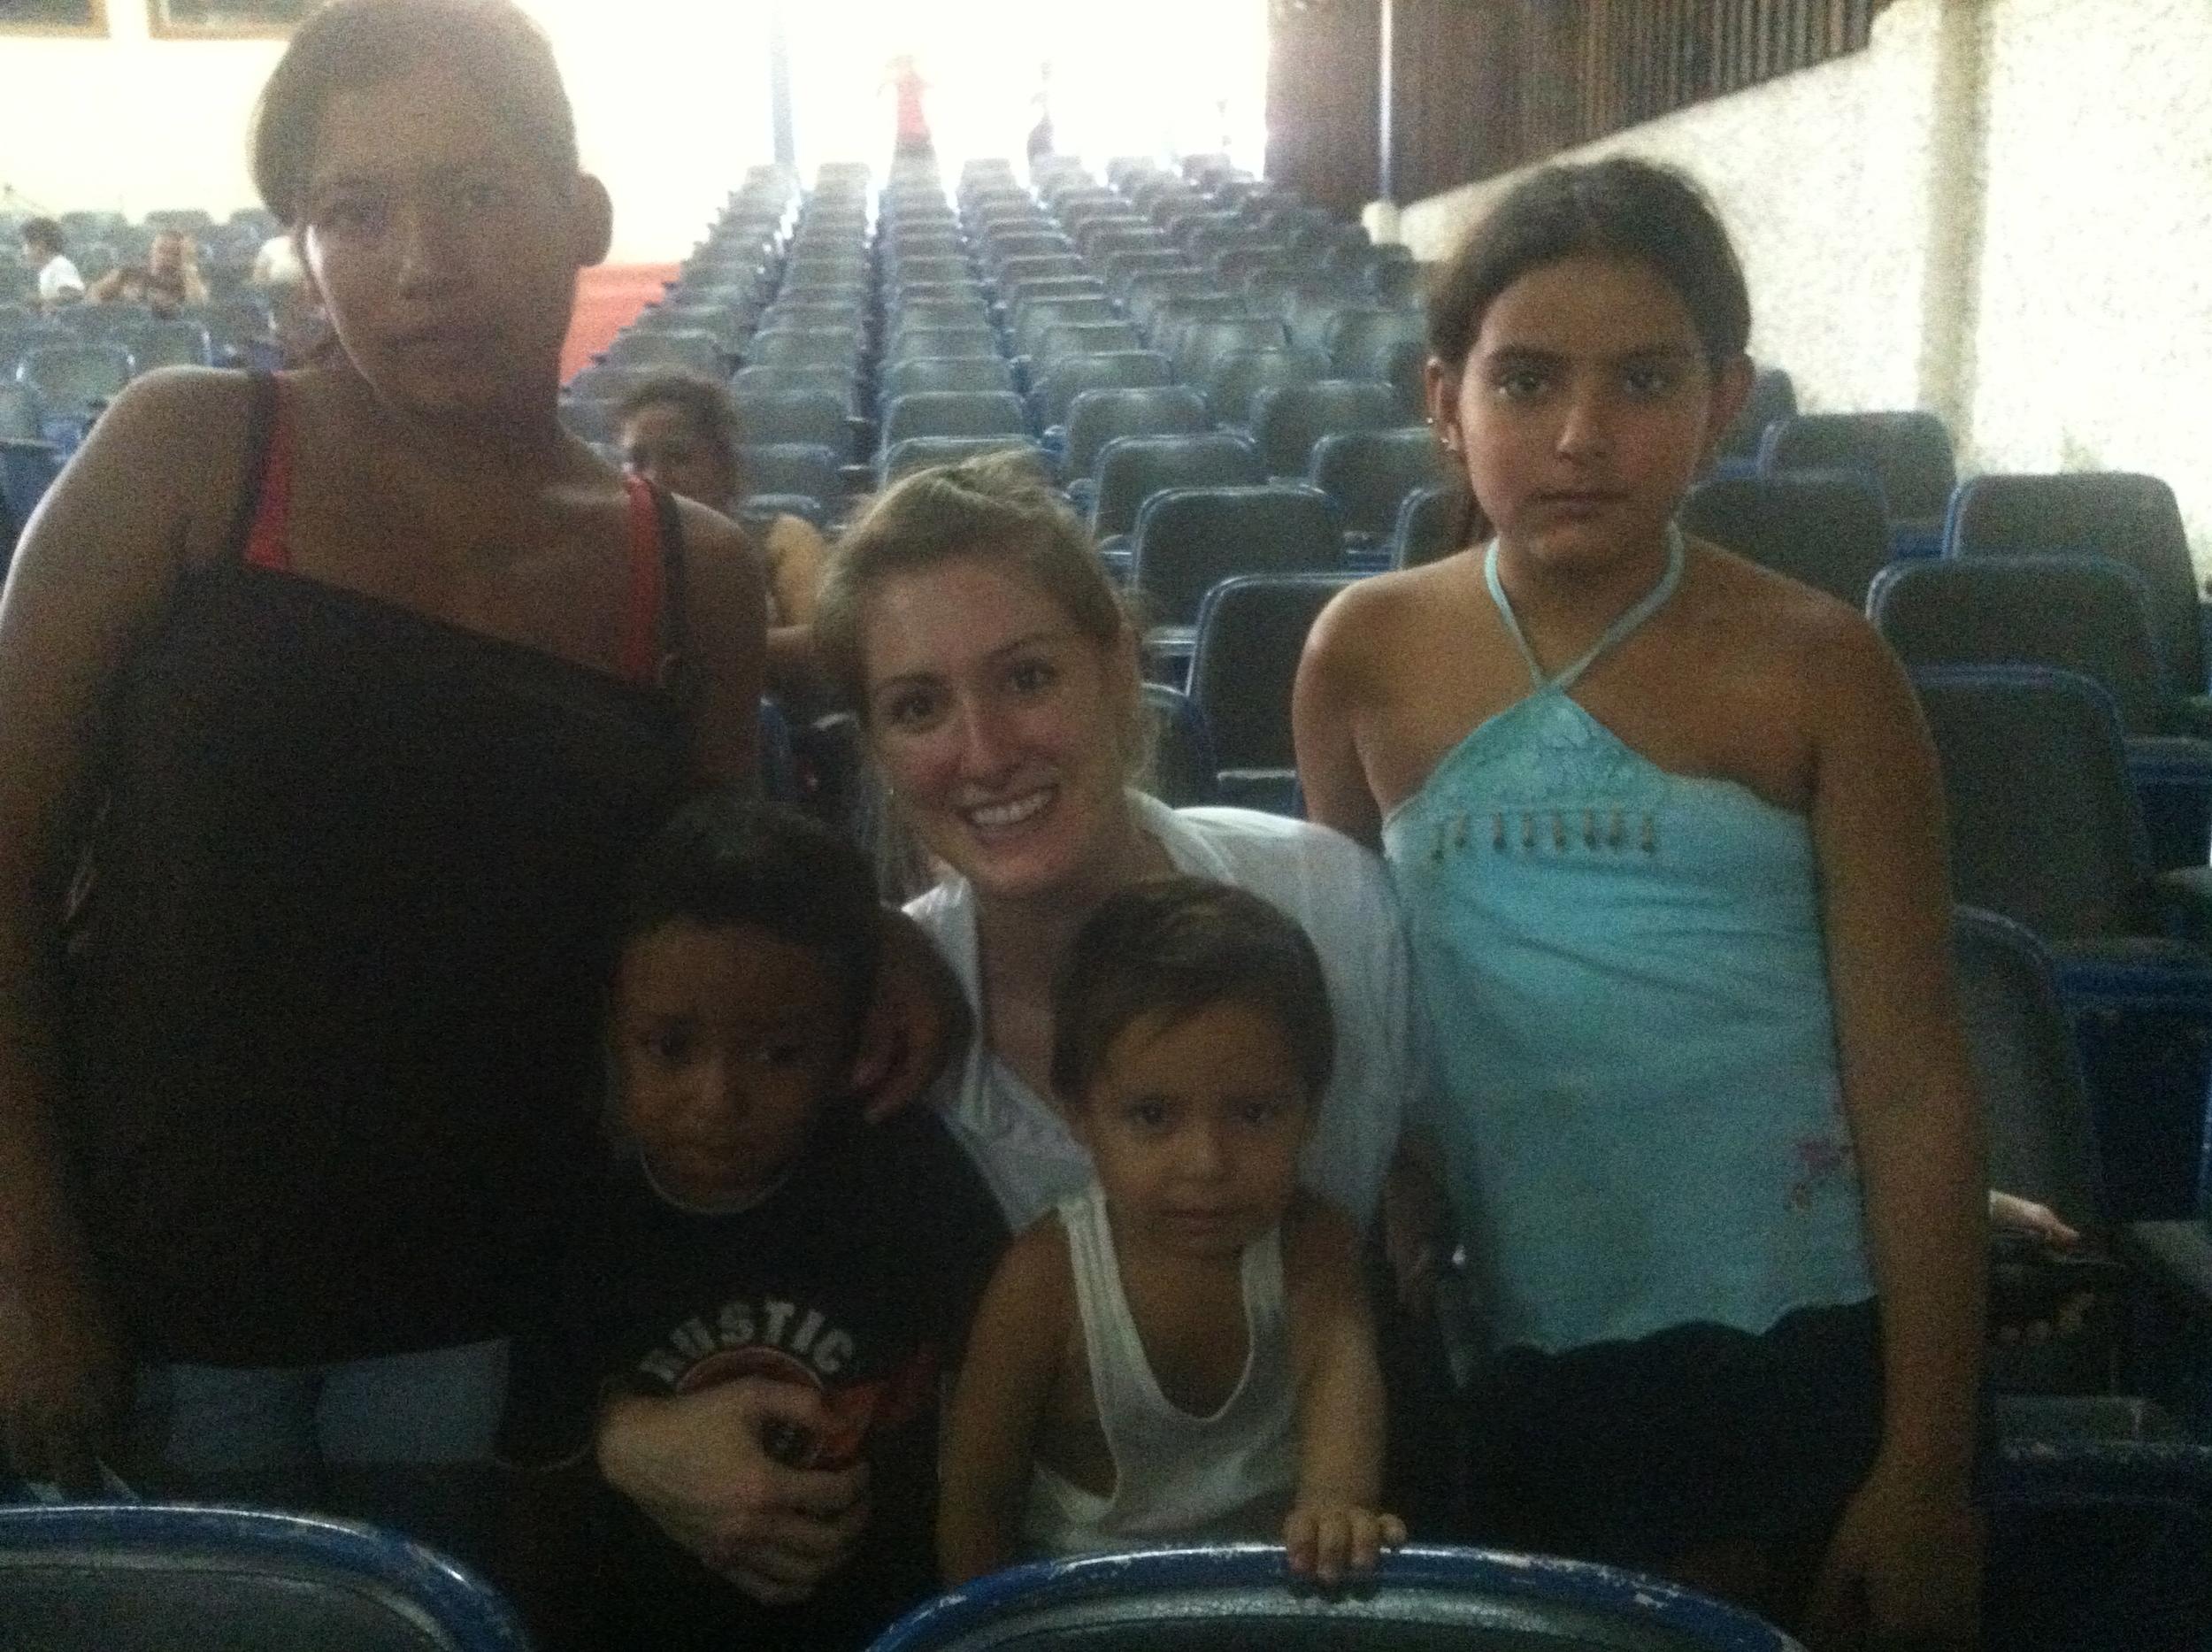 El Salvador 2012 - Over 5,000 people got healthcare